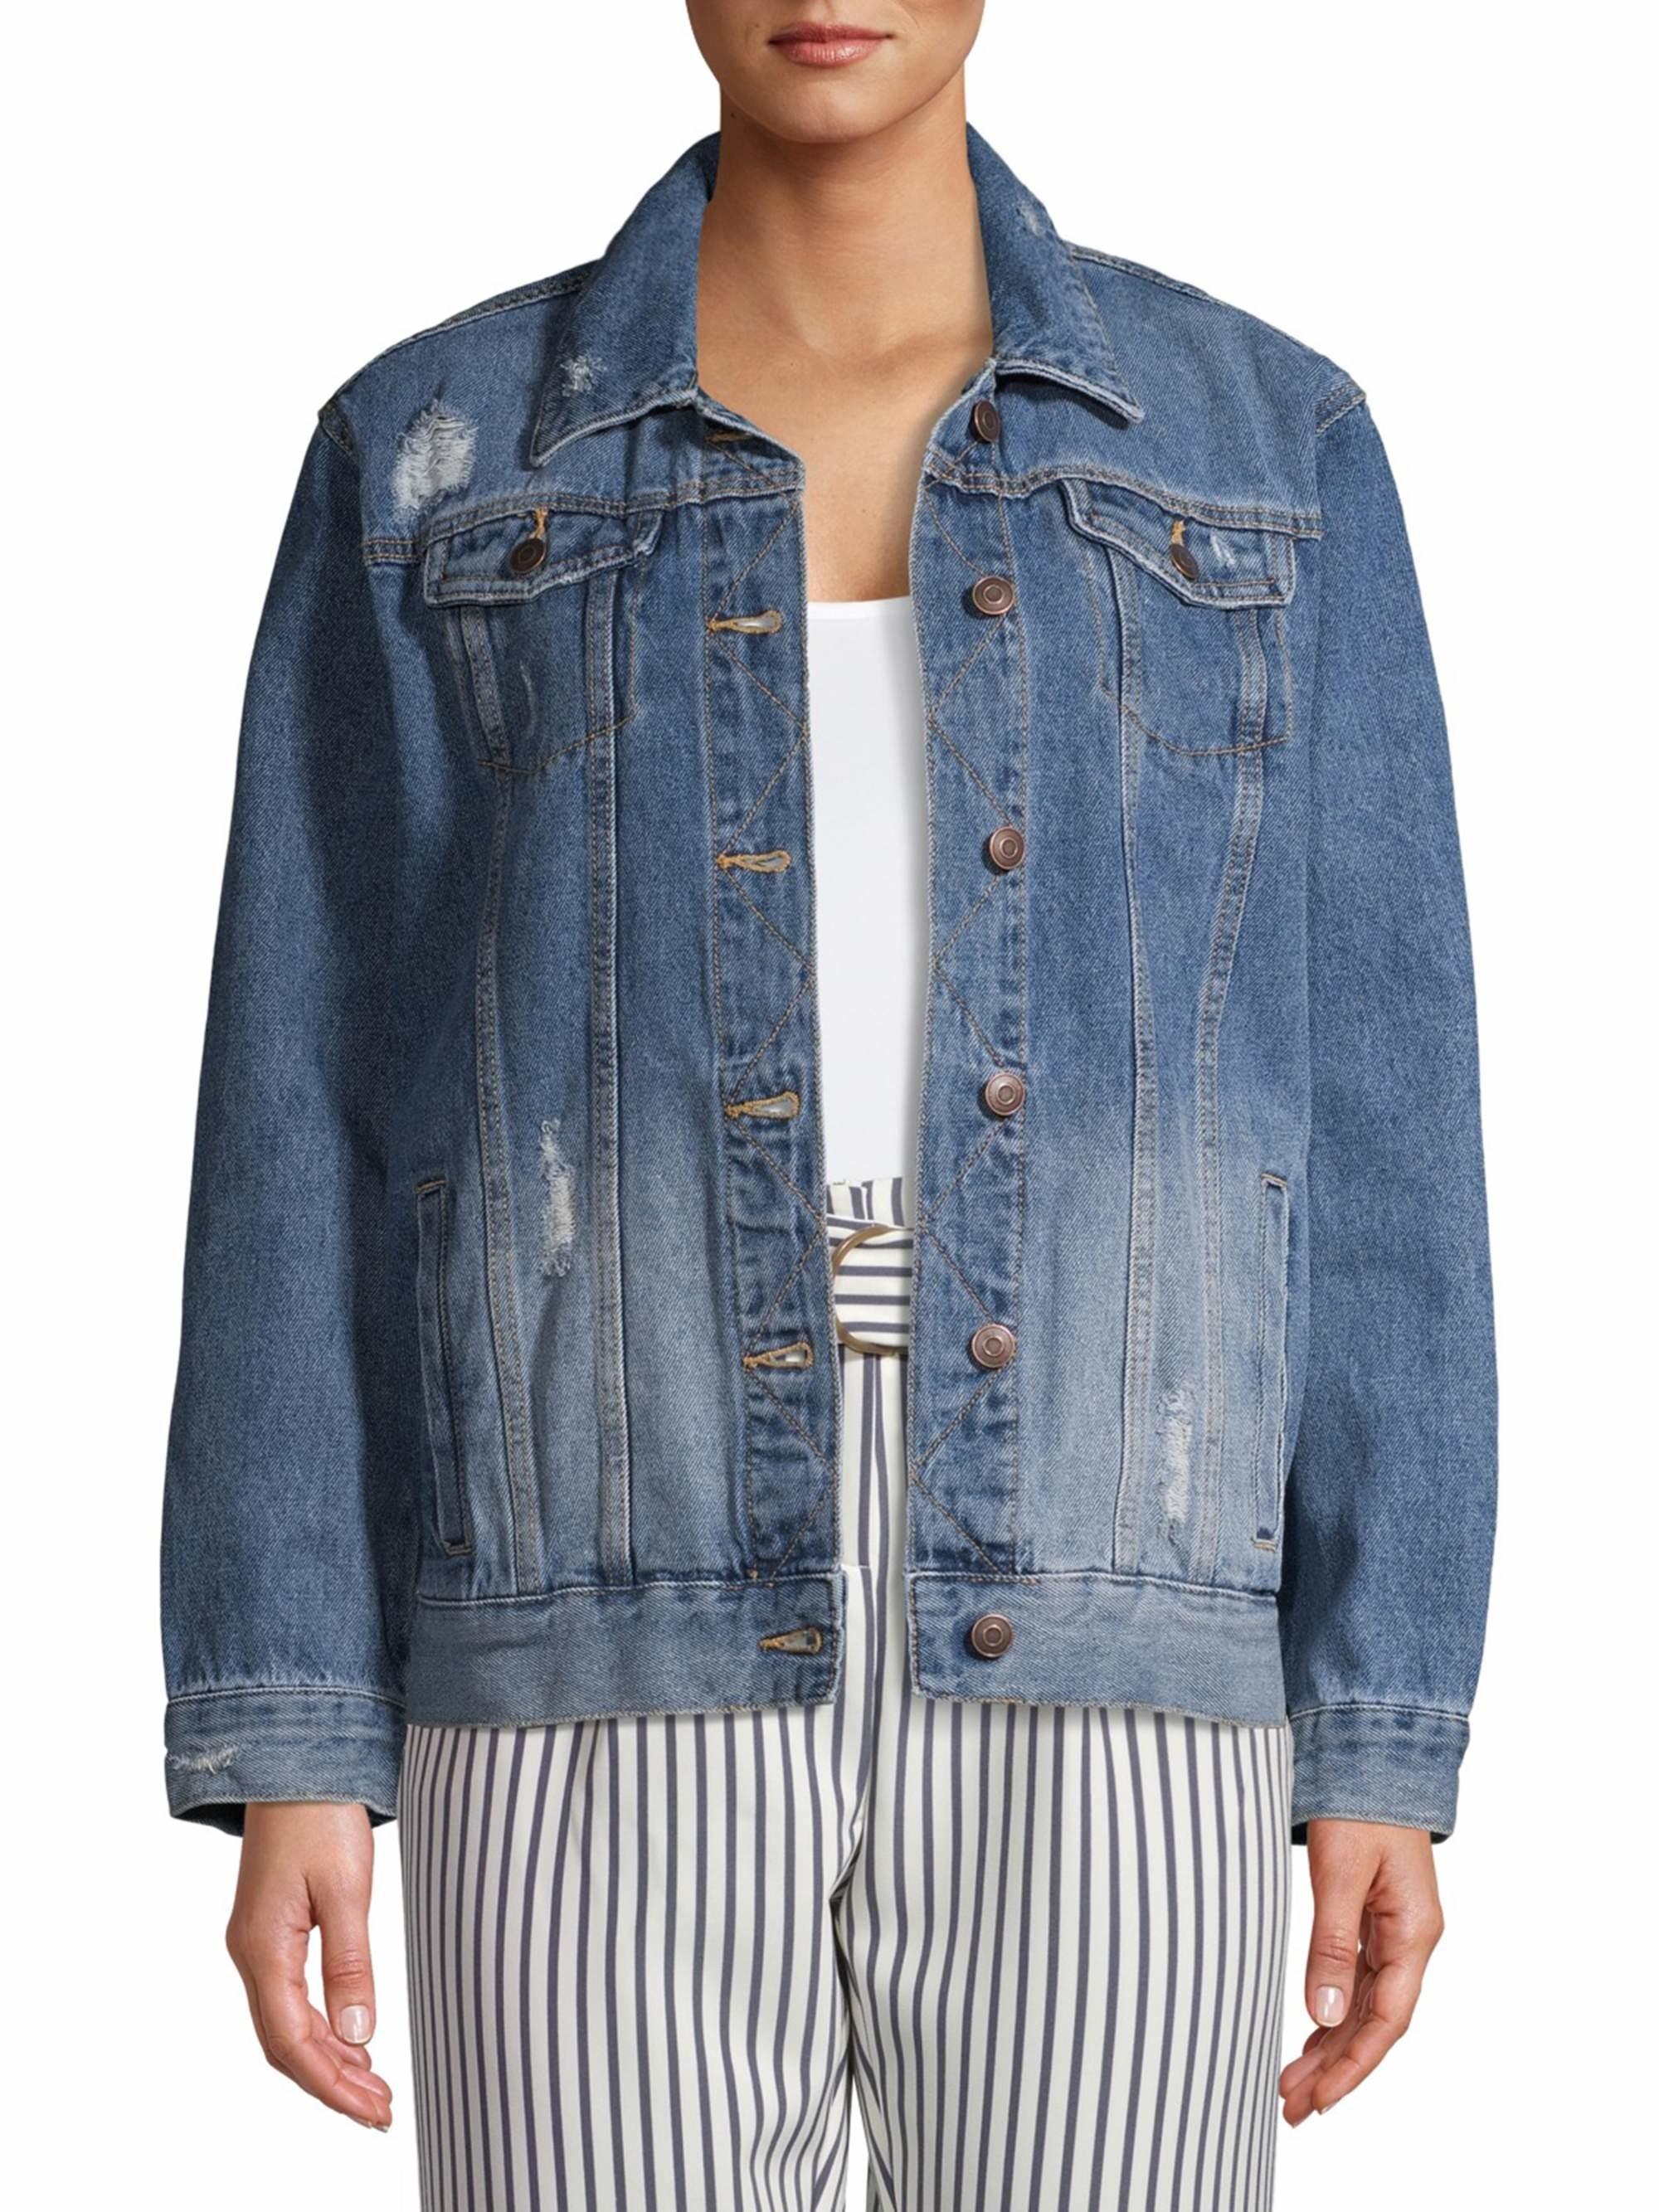 Model wears the slightly distressed jean jacket